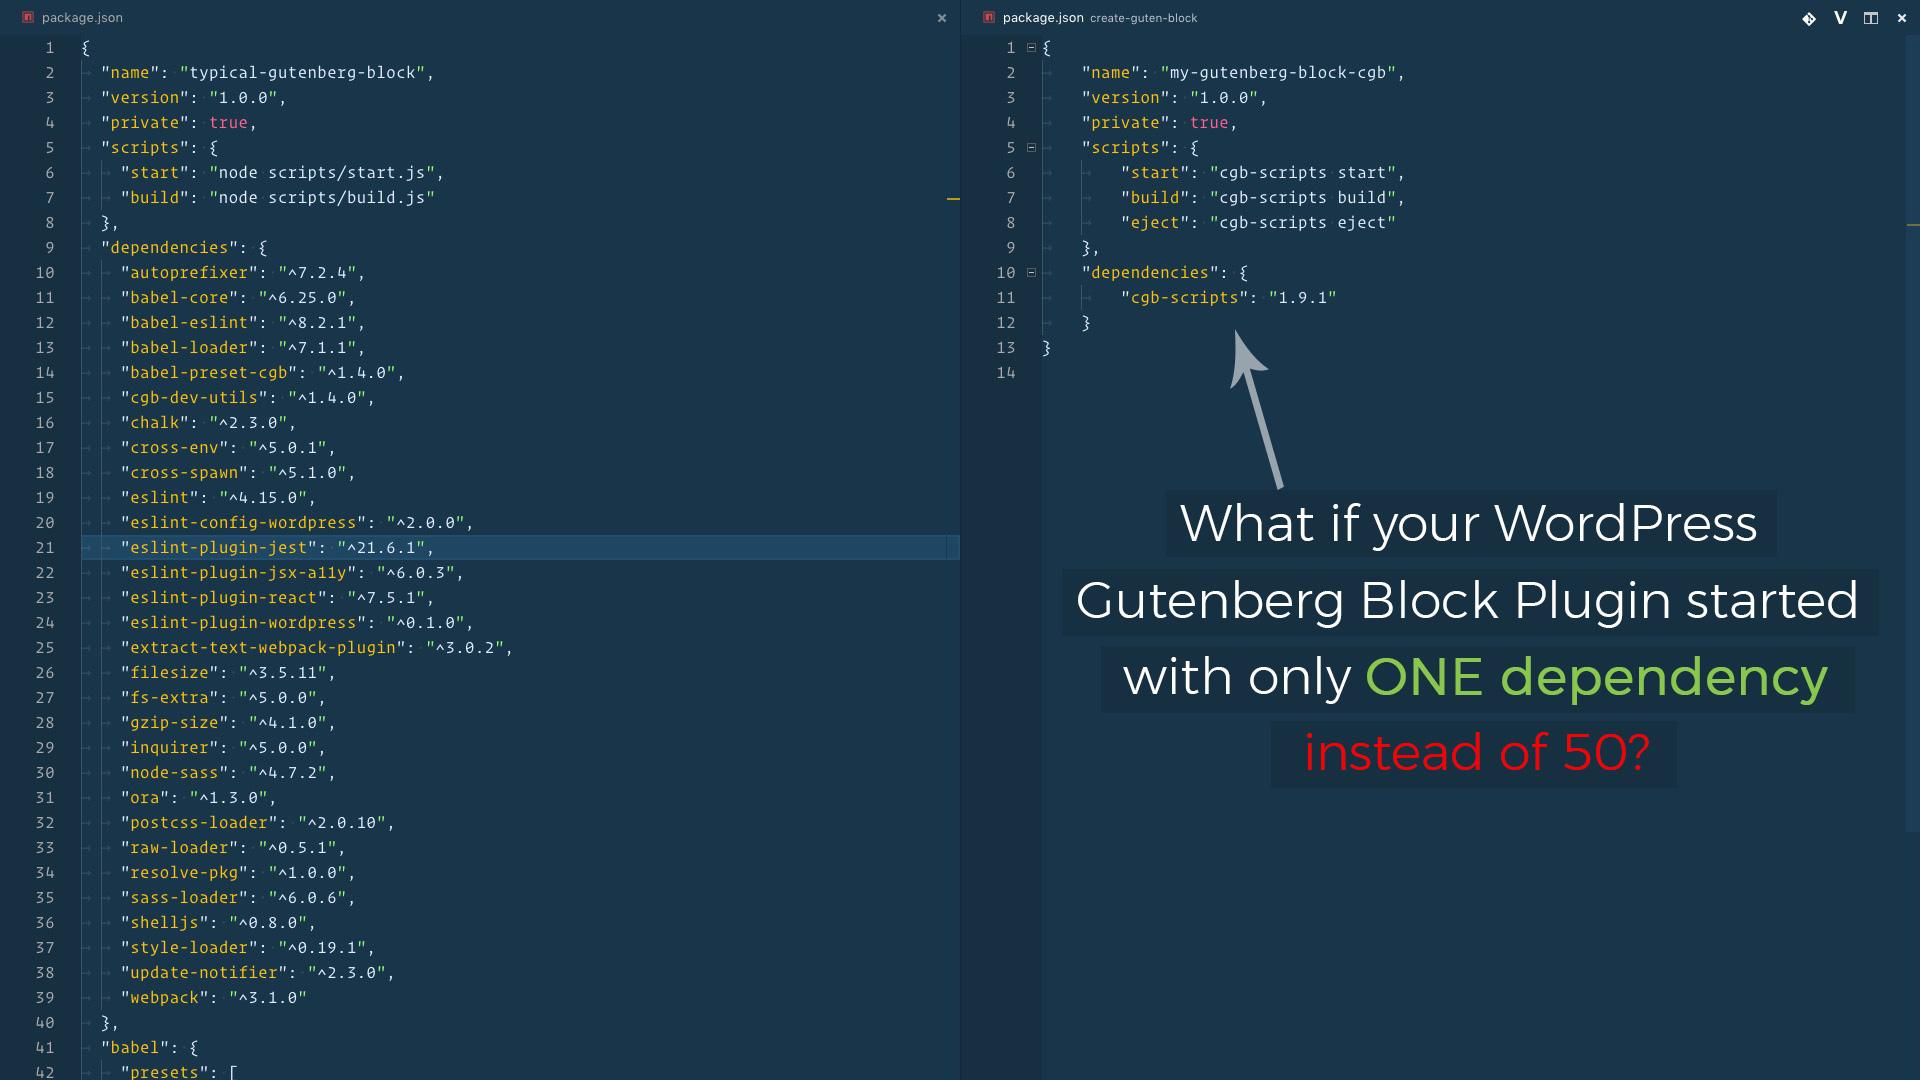 Create Guten Block Toolkit: Build Custom Gutenberg Blocks 6 create guten block Community